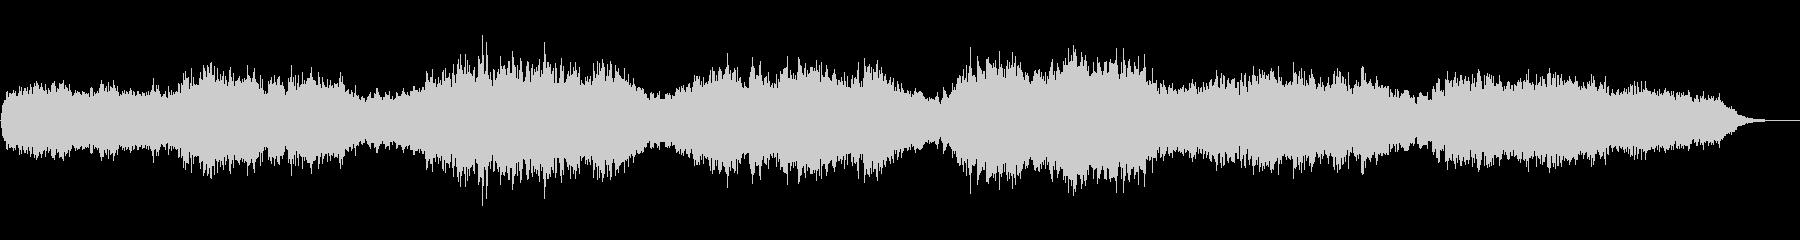 ホーミーを主題としたアンビエントな音風景の未再生の波形